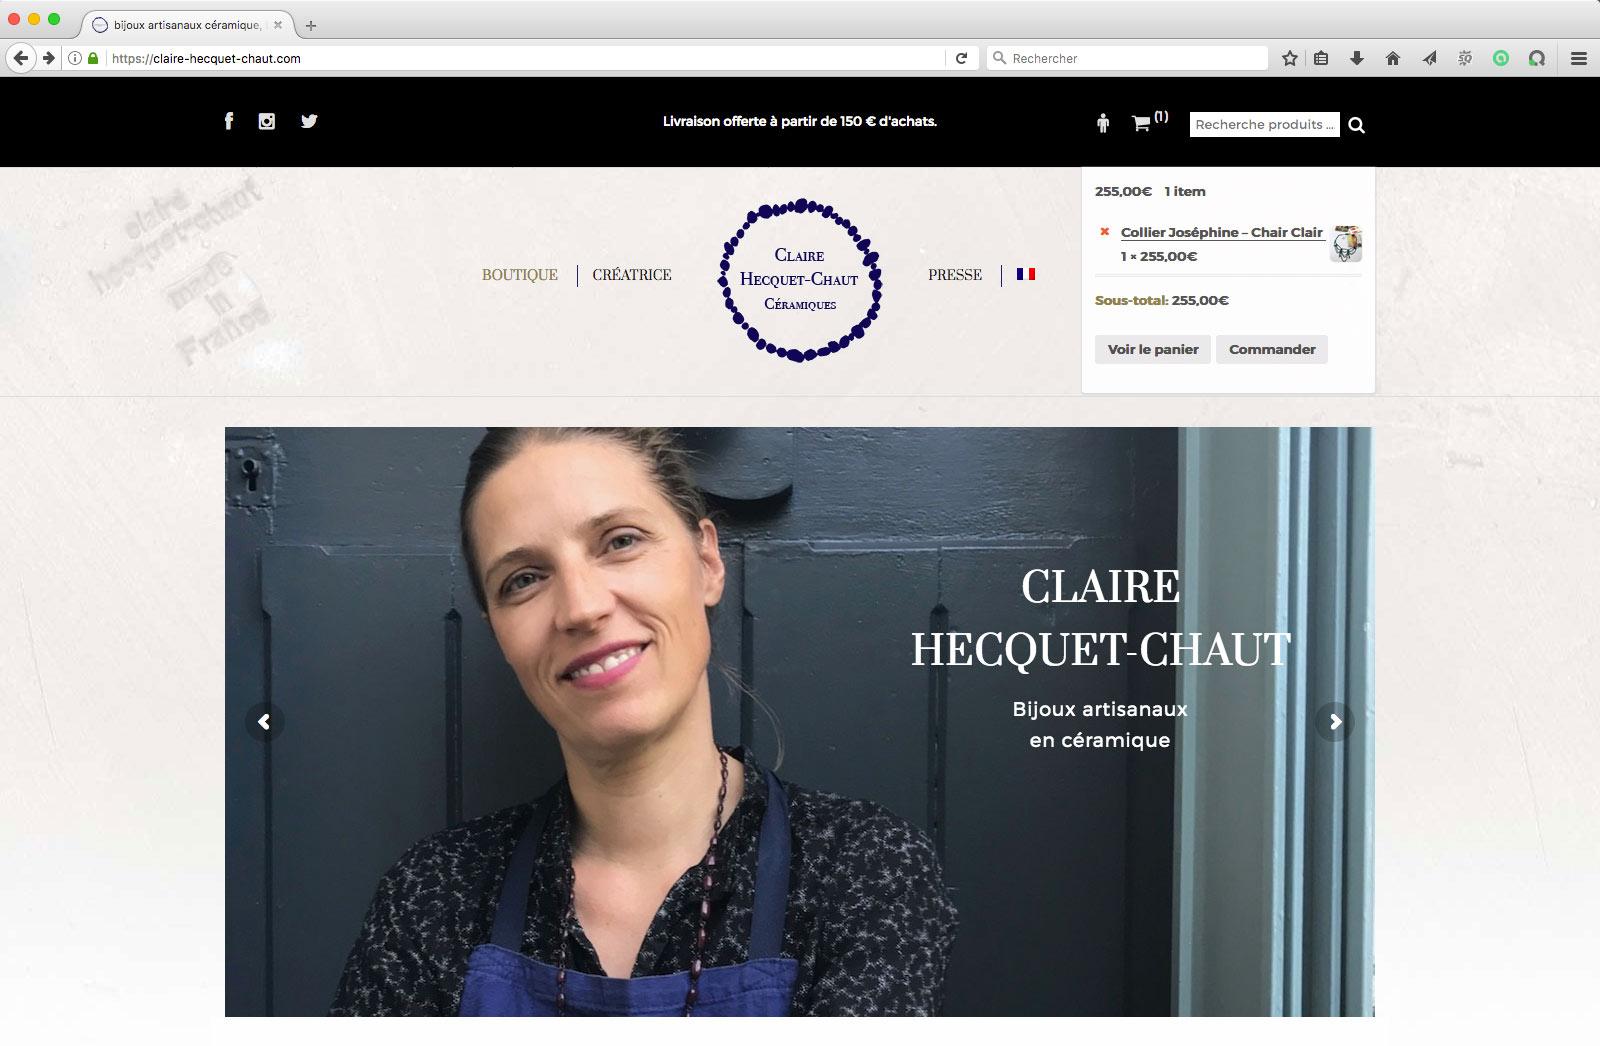 Création du site e commerce WordPress de bijoux de Claire Hecquet-Chaut - page d'accueil